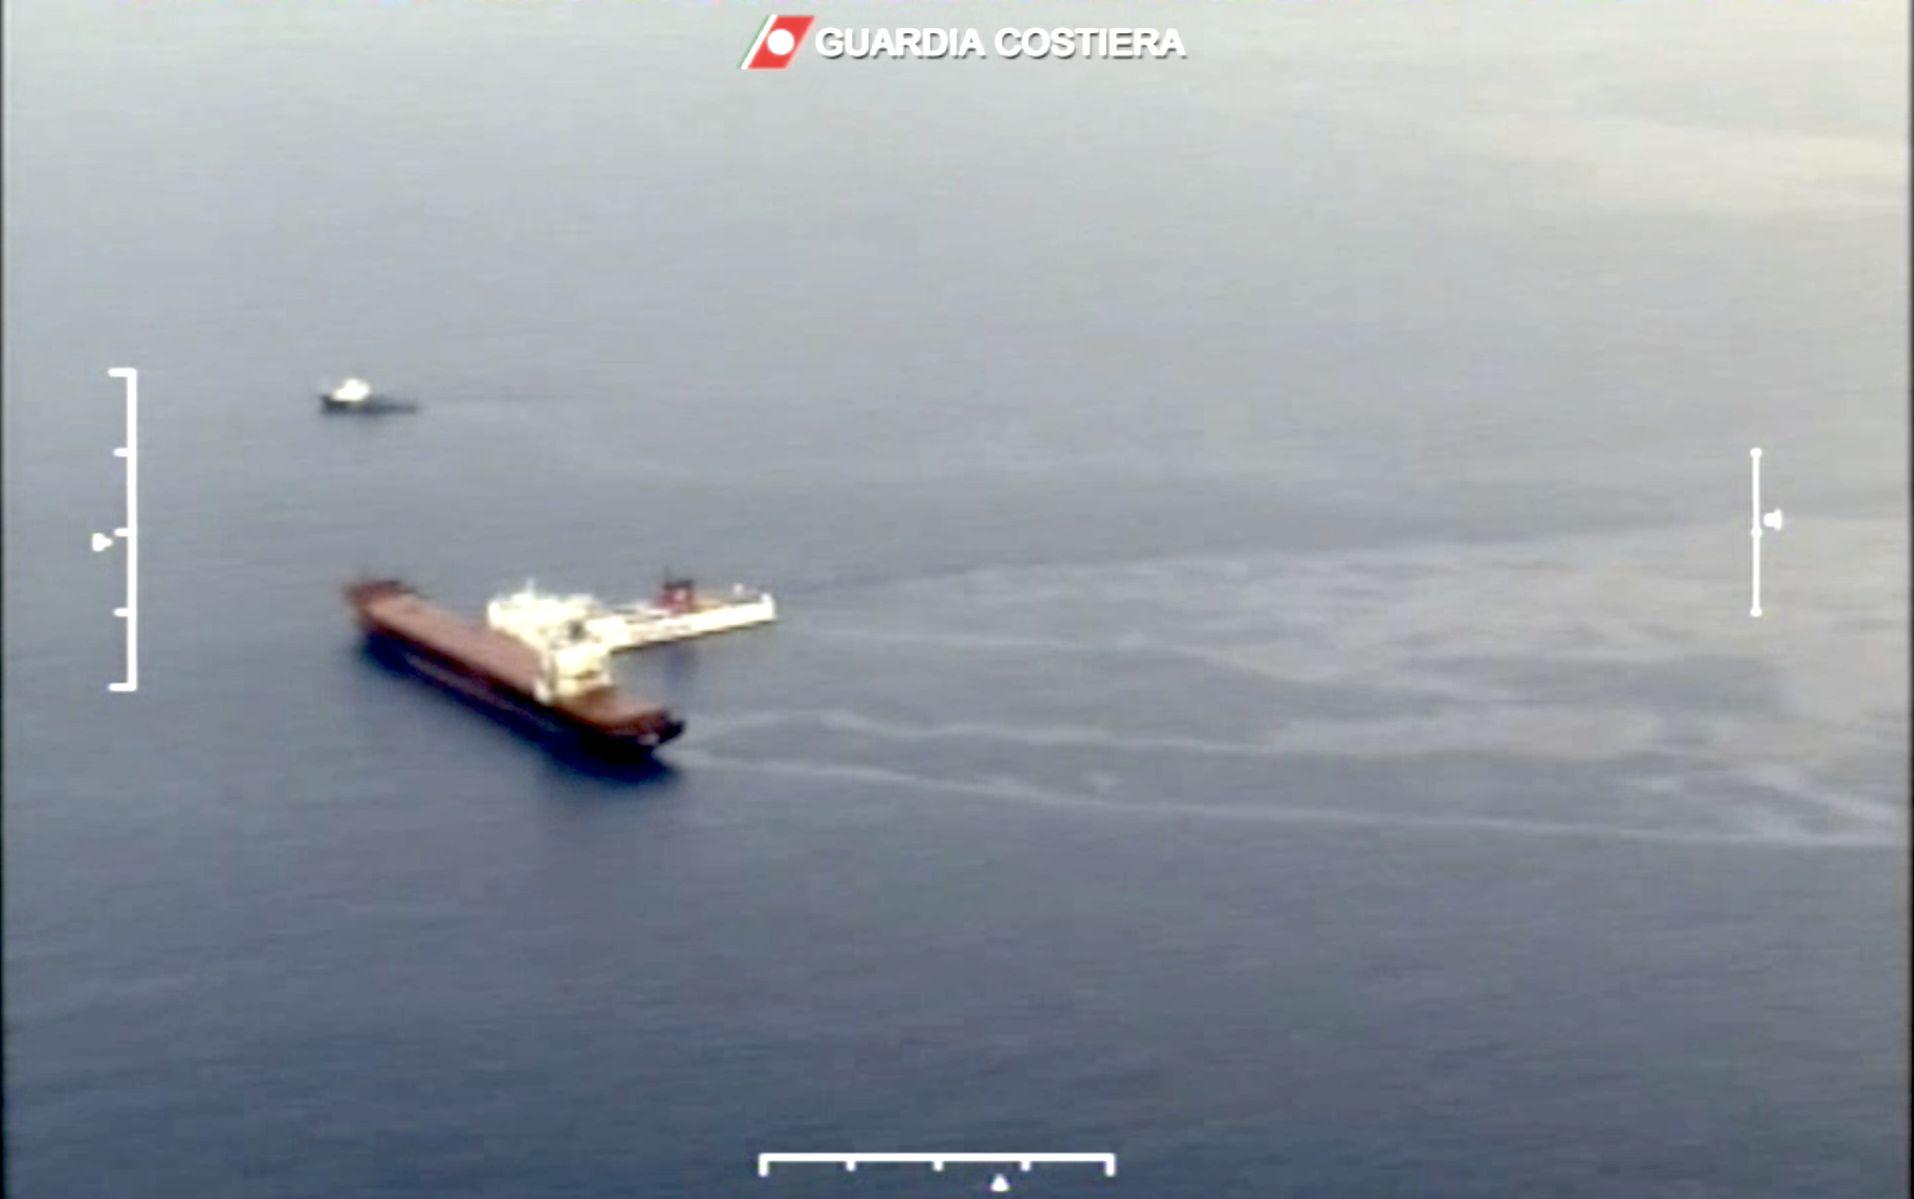 """Chiazza di oltre 10 kmq di carburante, Santuario Pelagos a rischio. Legambiente: """"Normative più strette a tutela delle Aree marine protette"""""""